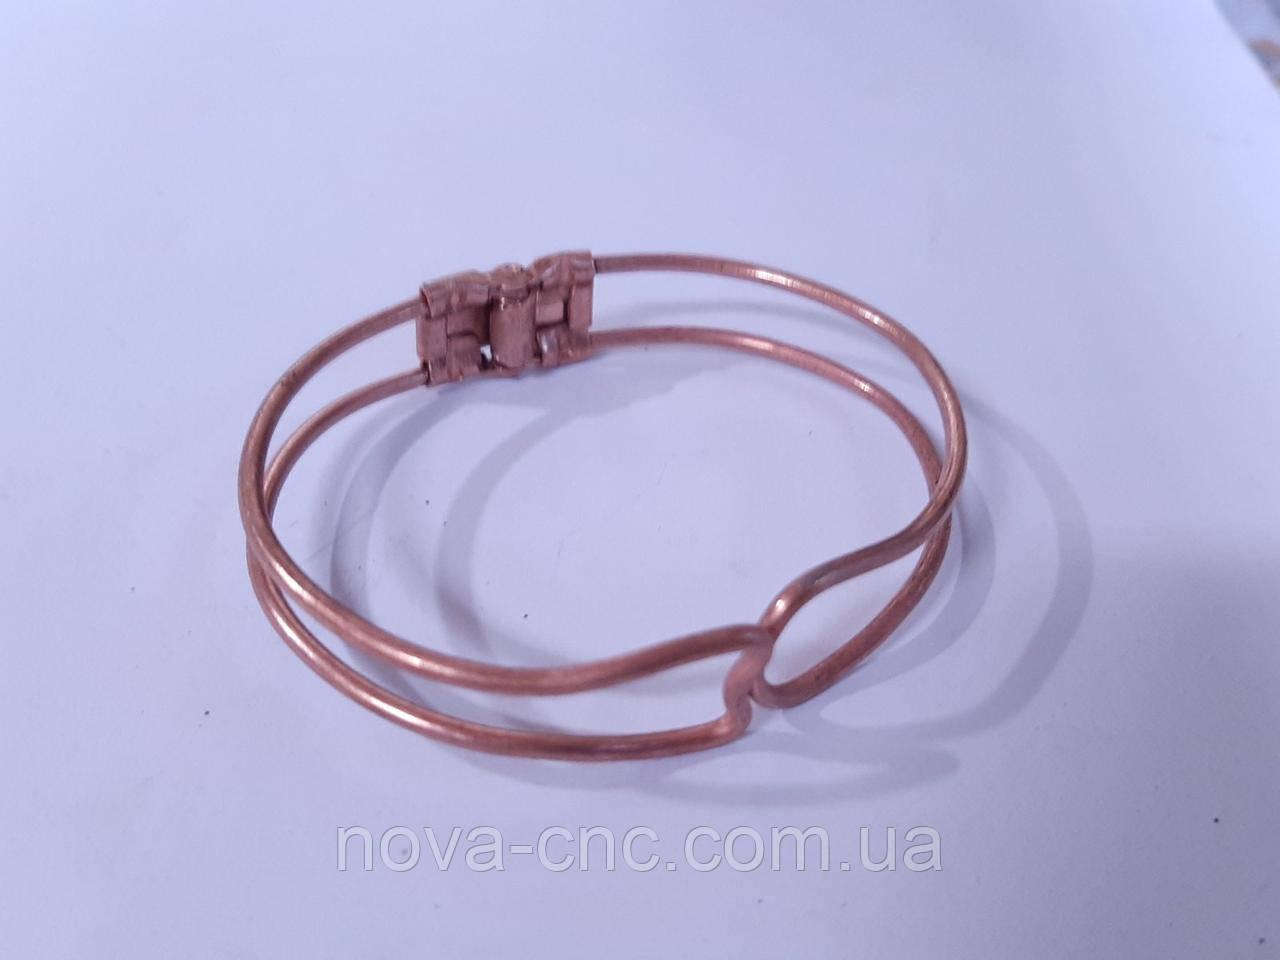 Основа для браслета металева роз'ємна 6 шт